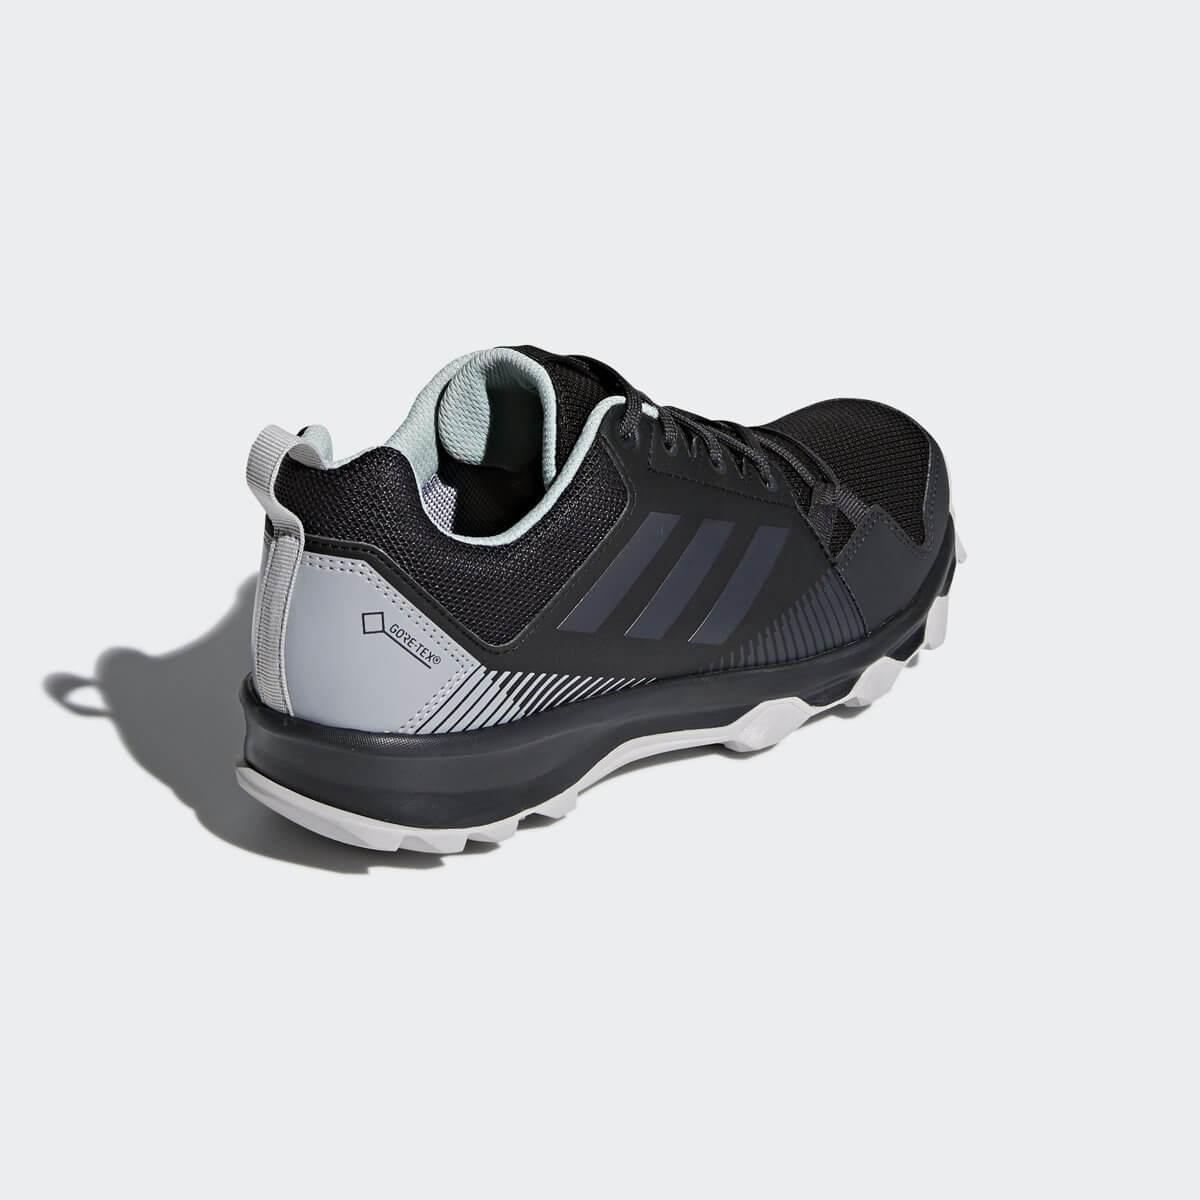 04c6b75c5 adidas Terrex Tracerocker GTX W - dámské běžecké boty | Sanasport.cz